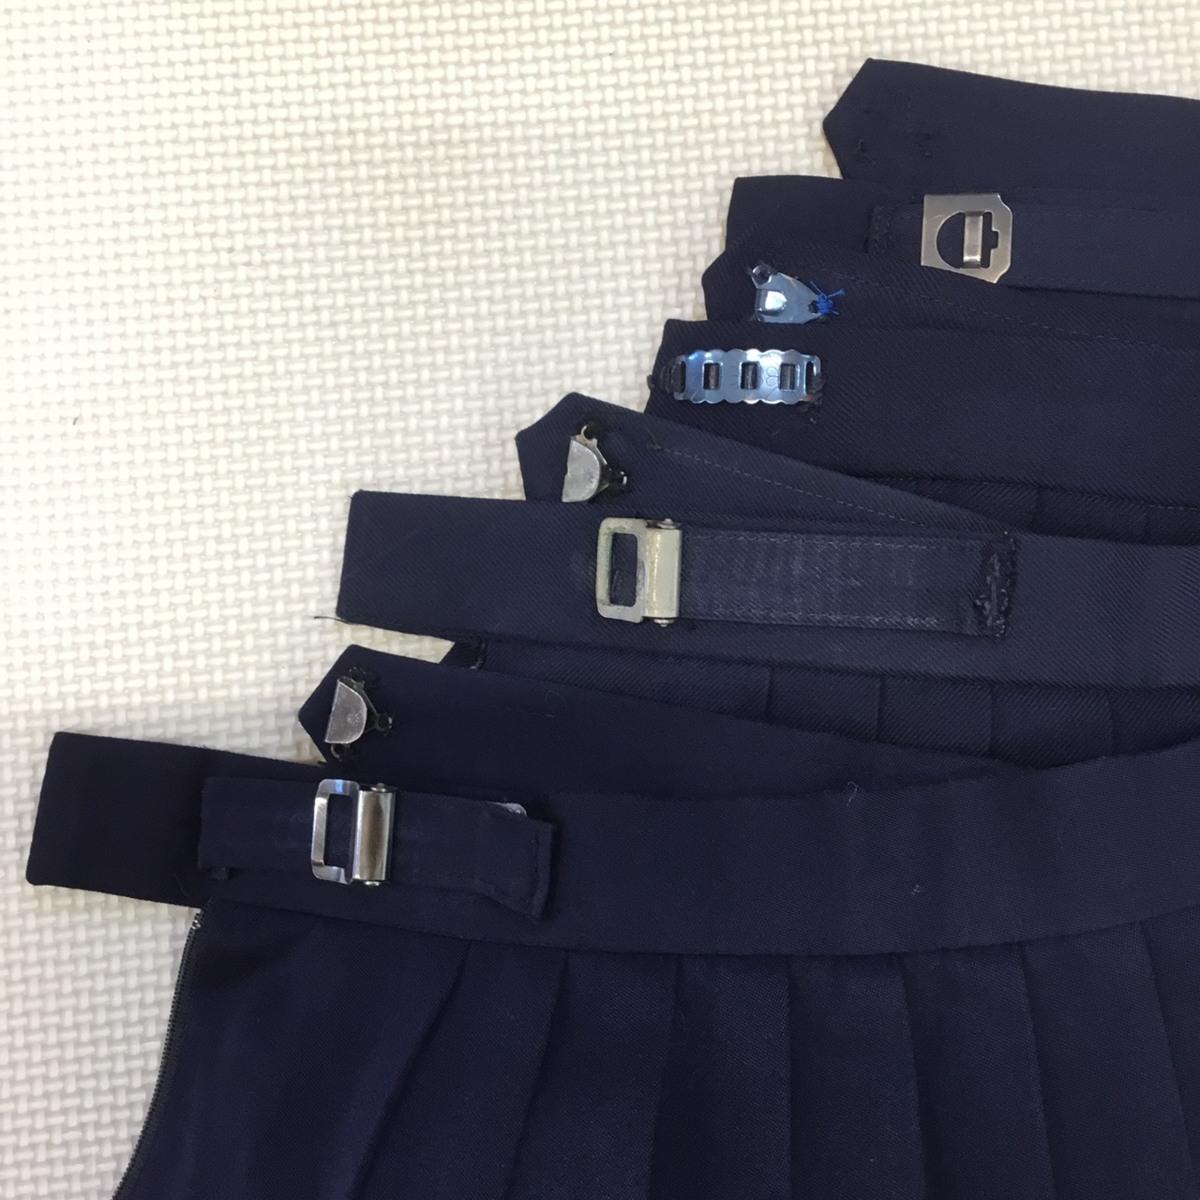 K278 (中古) 学生服 10枚セット /M/160/170/W62/W63/W66/半袖/長袖/ブラウス/ブレザー/スカート/制服/中学校/高校/女子学生/学生/学生服_画像7